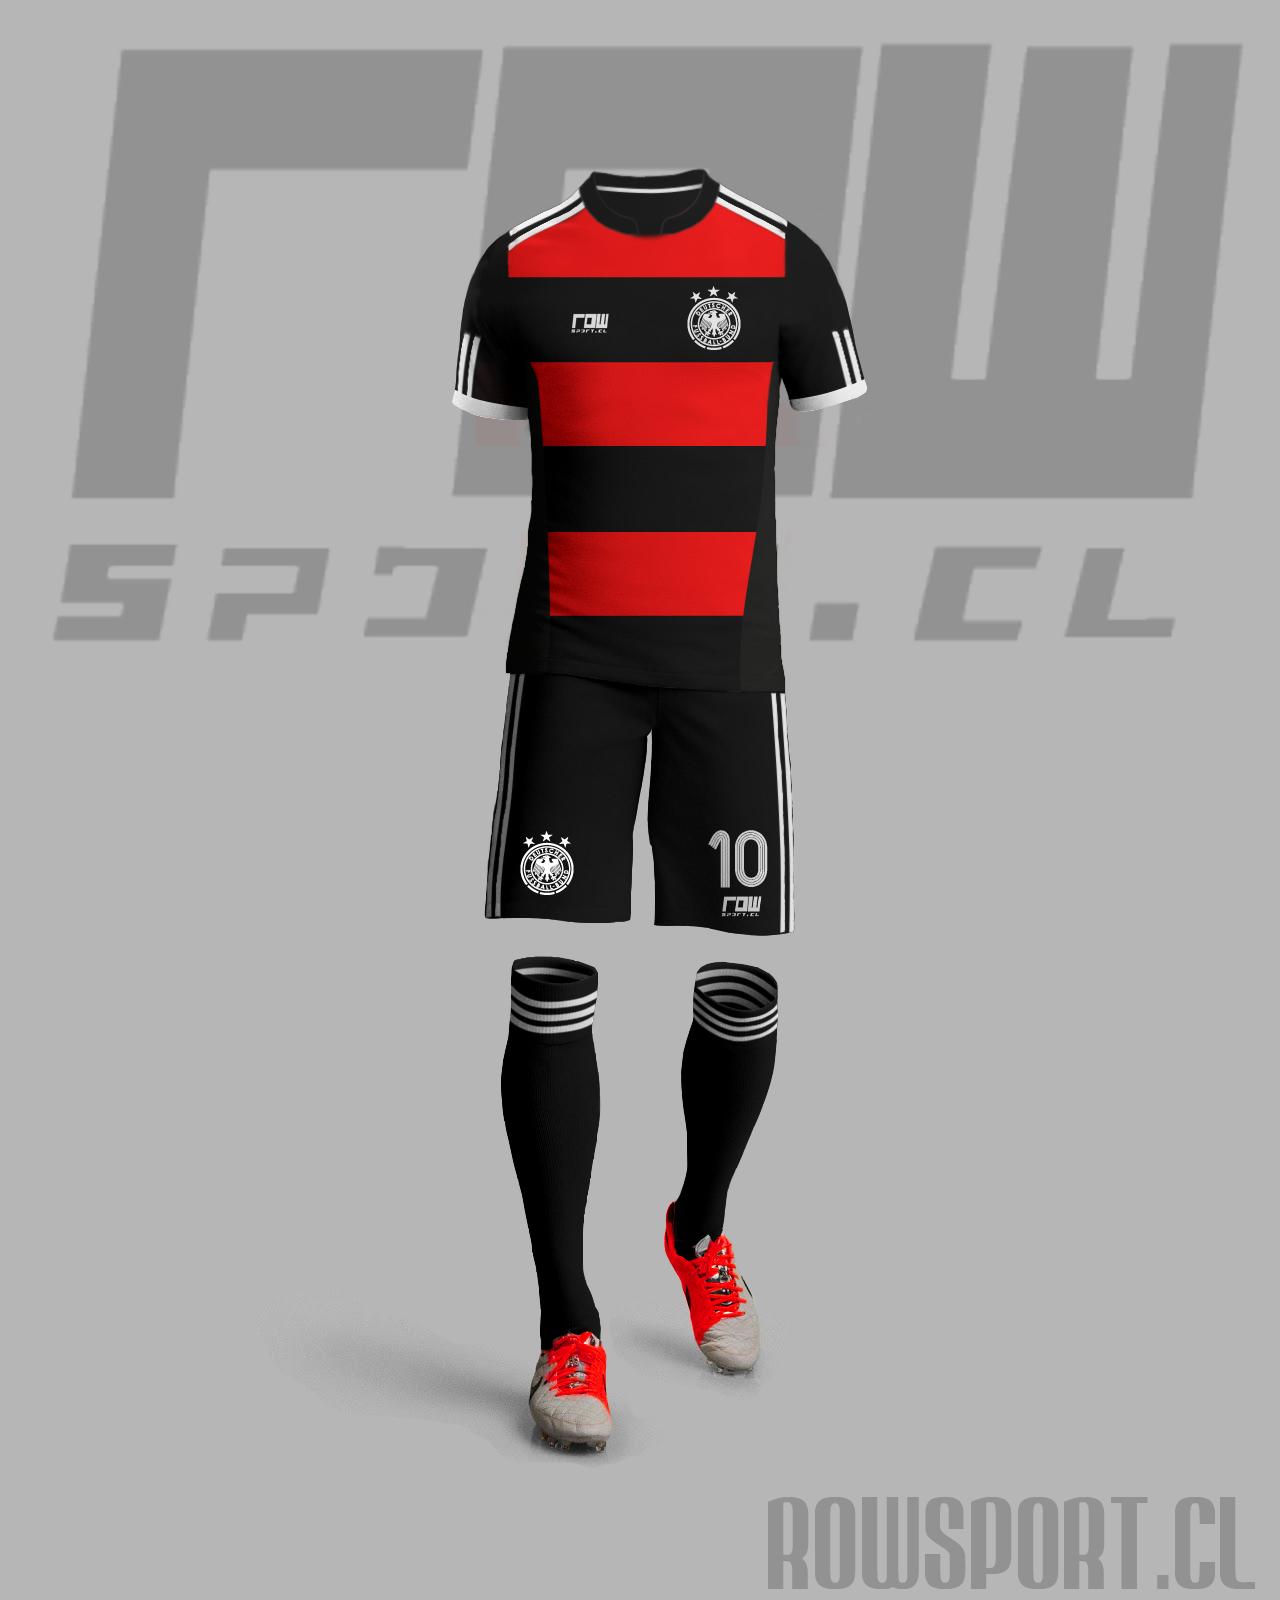 c332a73200278 Alemania 14B. Camiseta Con Números 12990